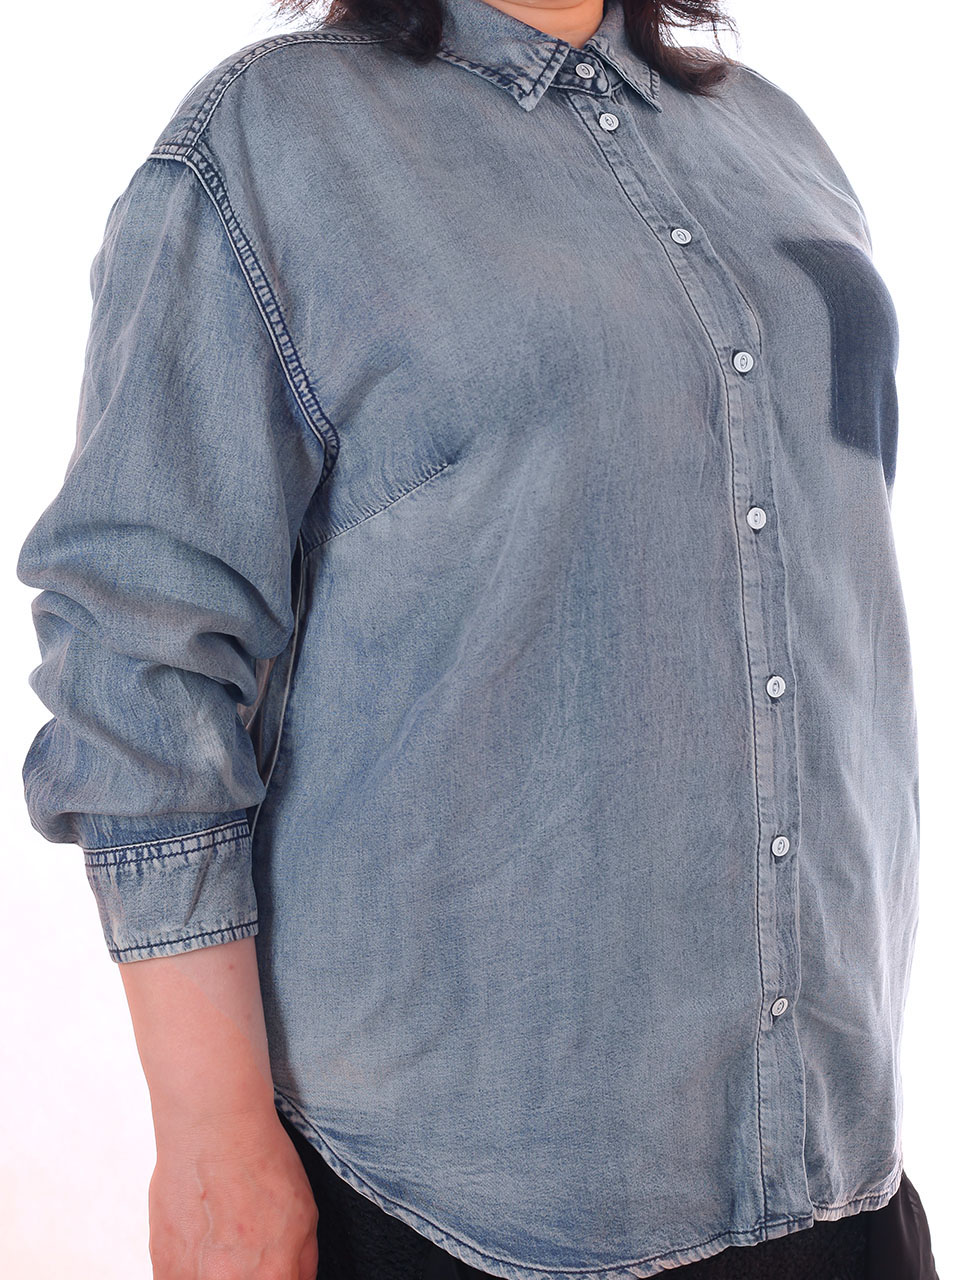 Женские джинсовые рубашки в Новороссийске